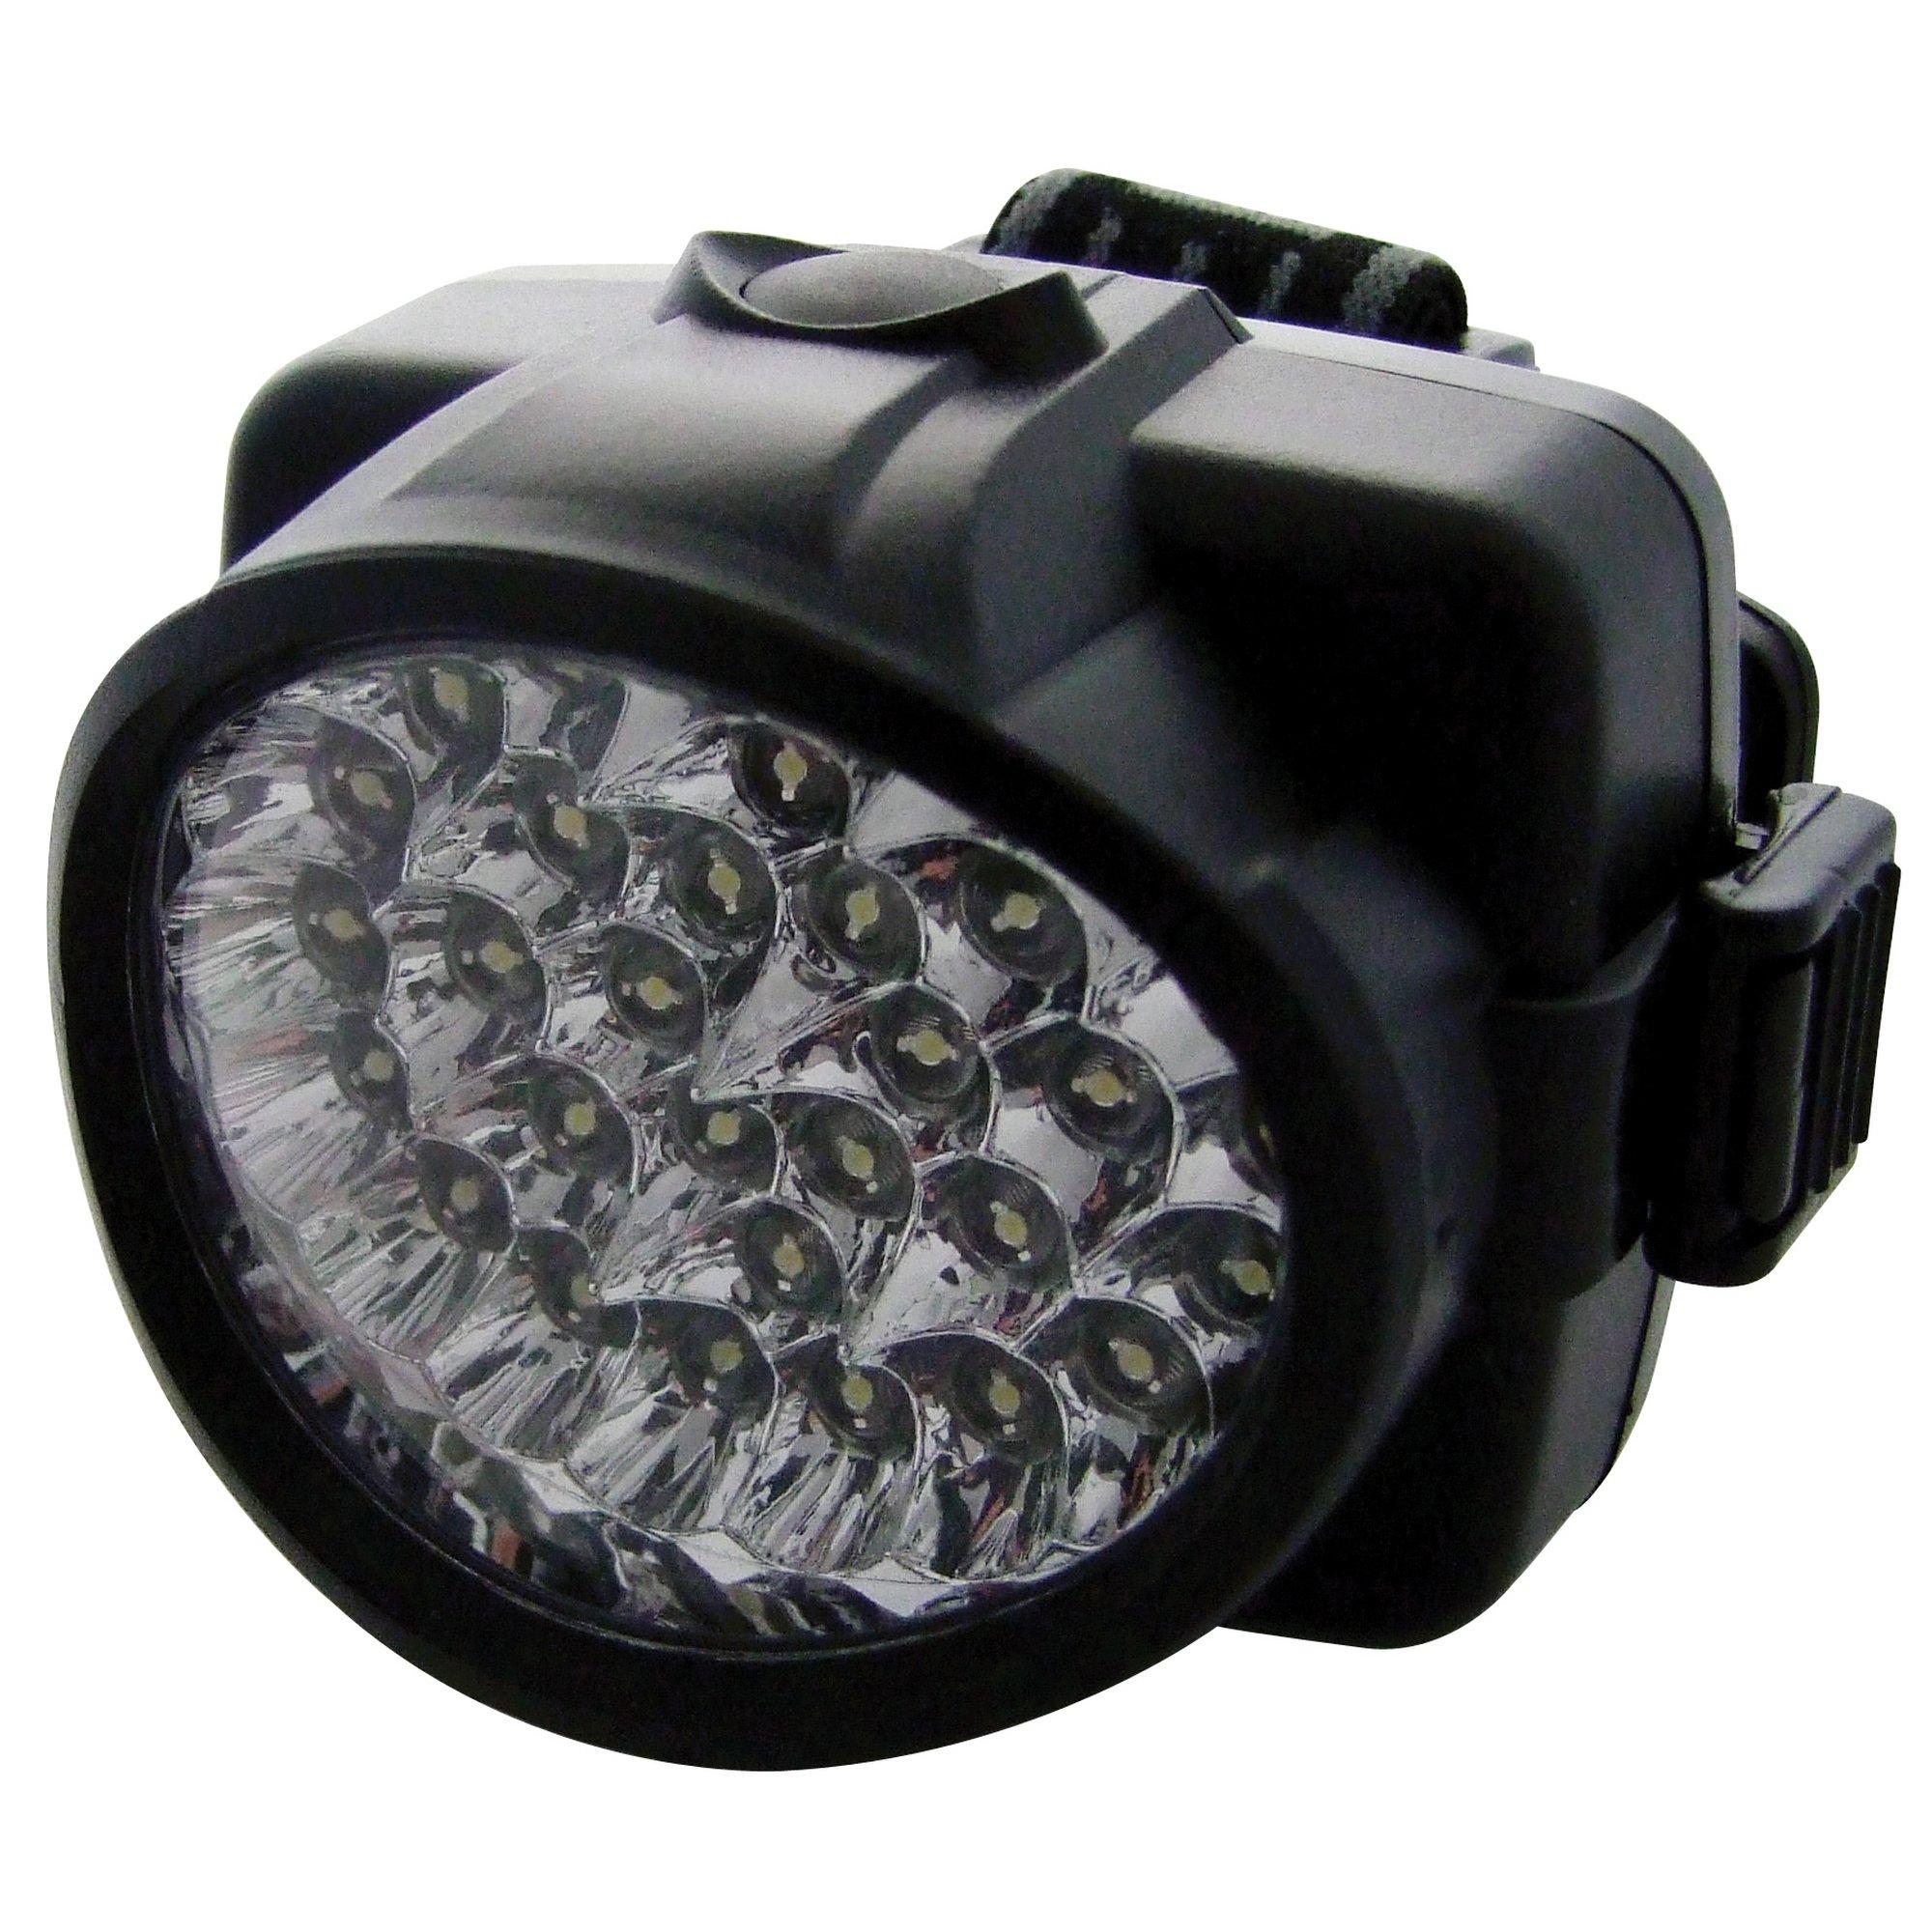 Image of 32 LED Headlight